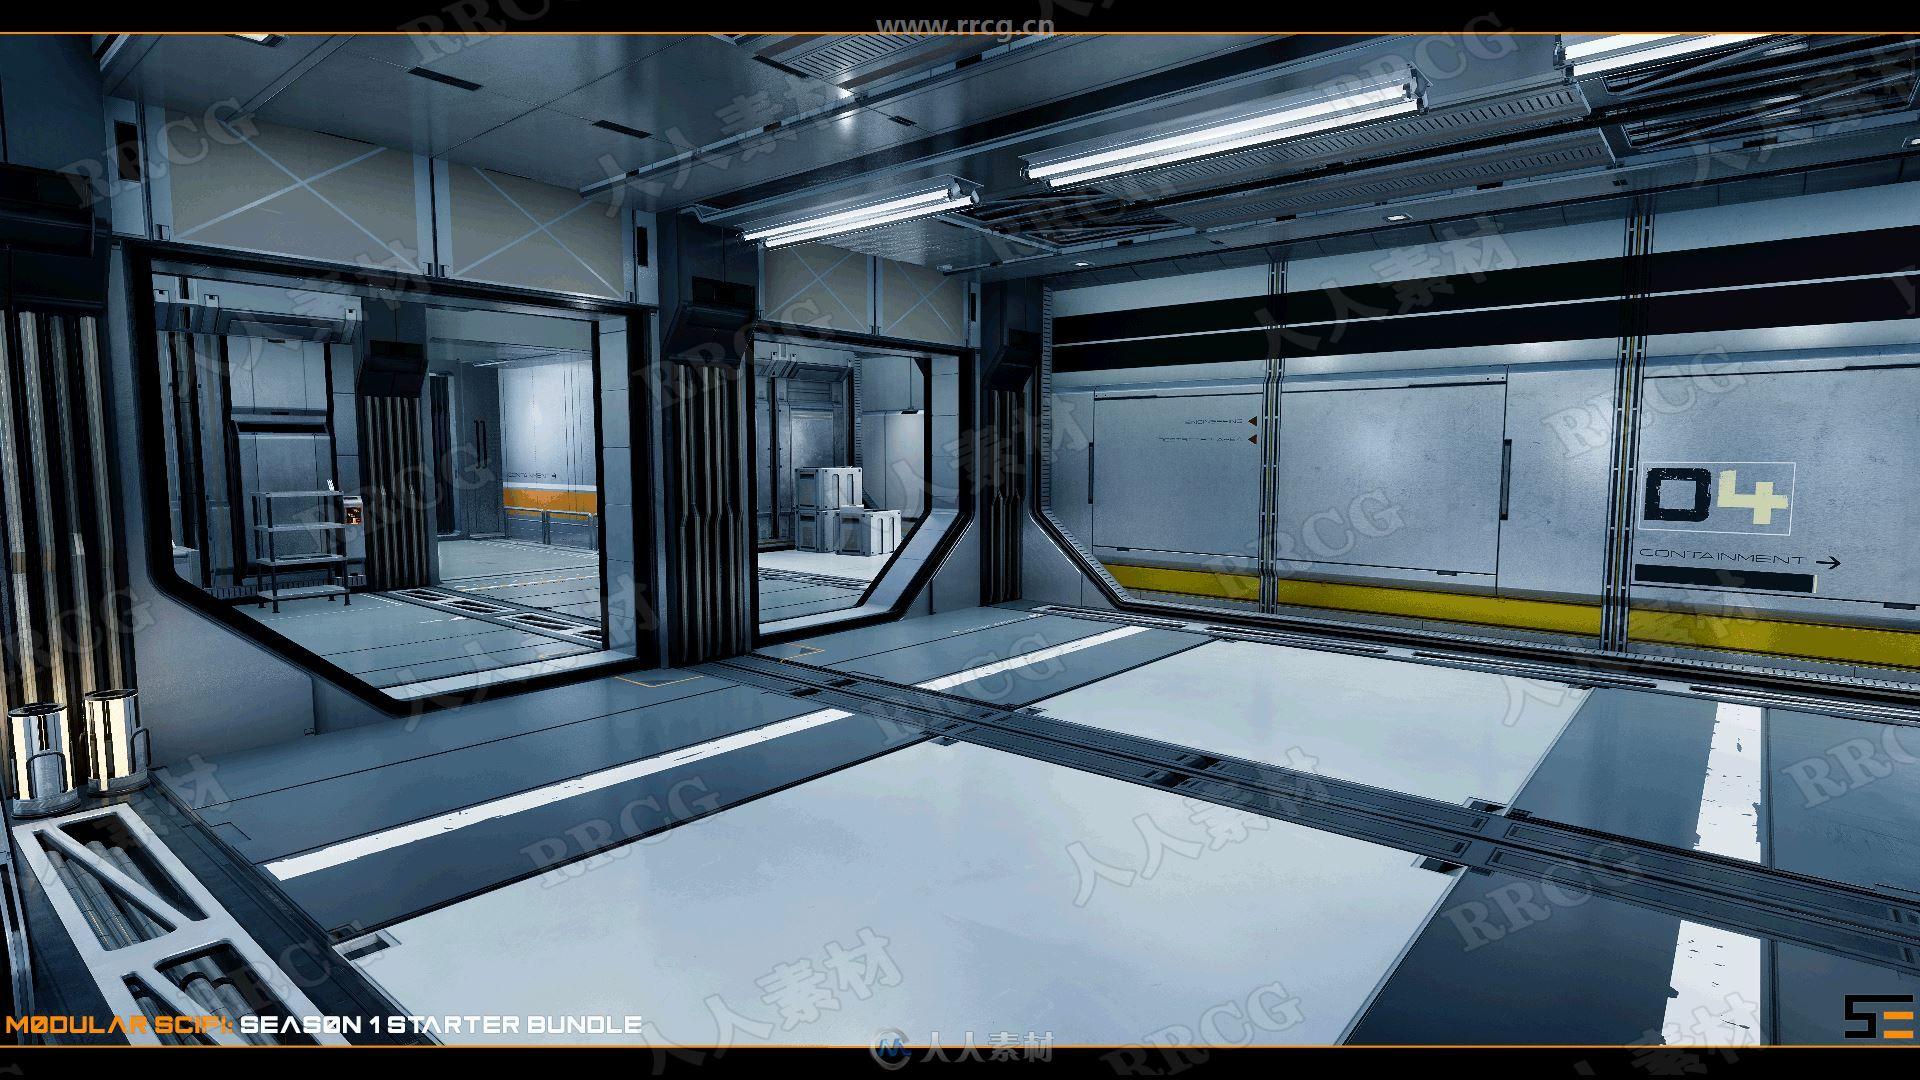 科幻科技感室内走廊场景UE4游戏素材资源